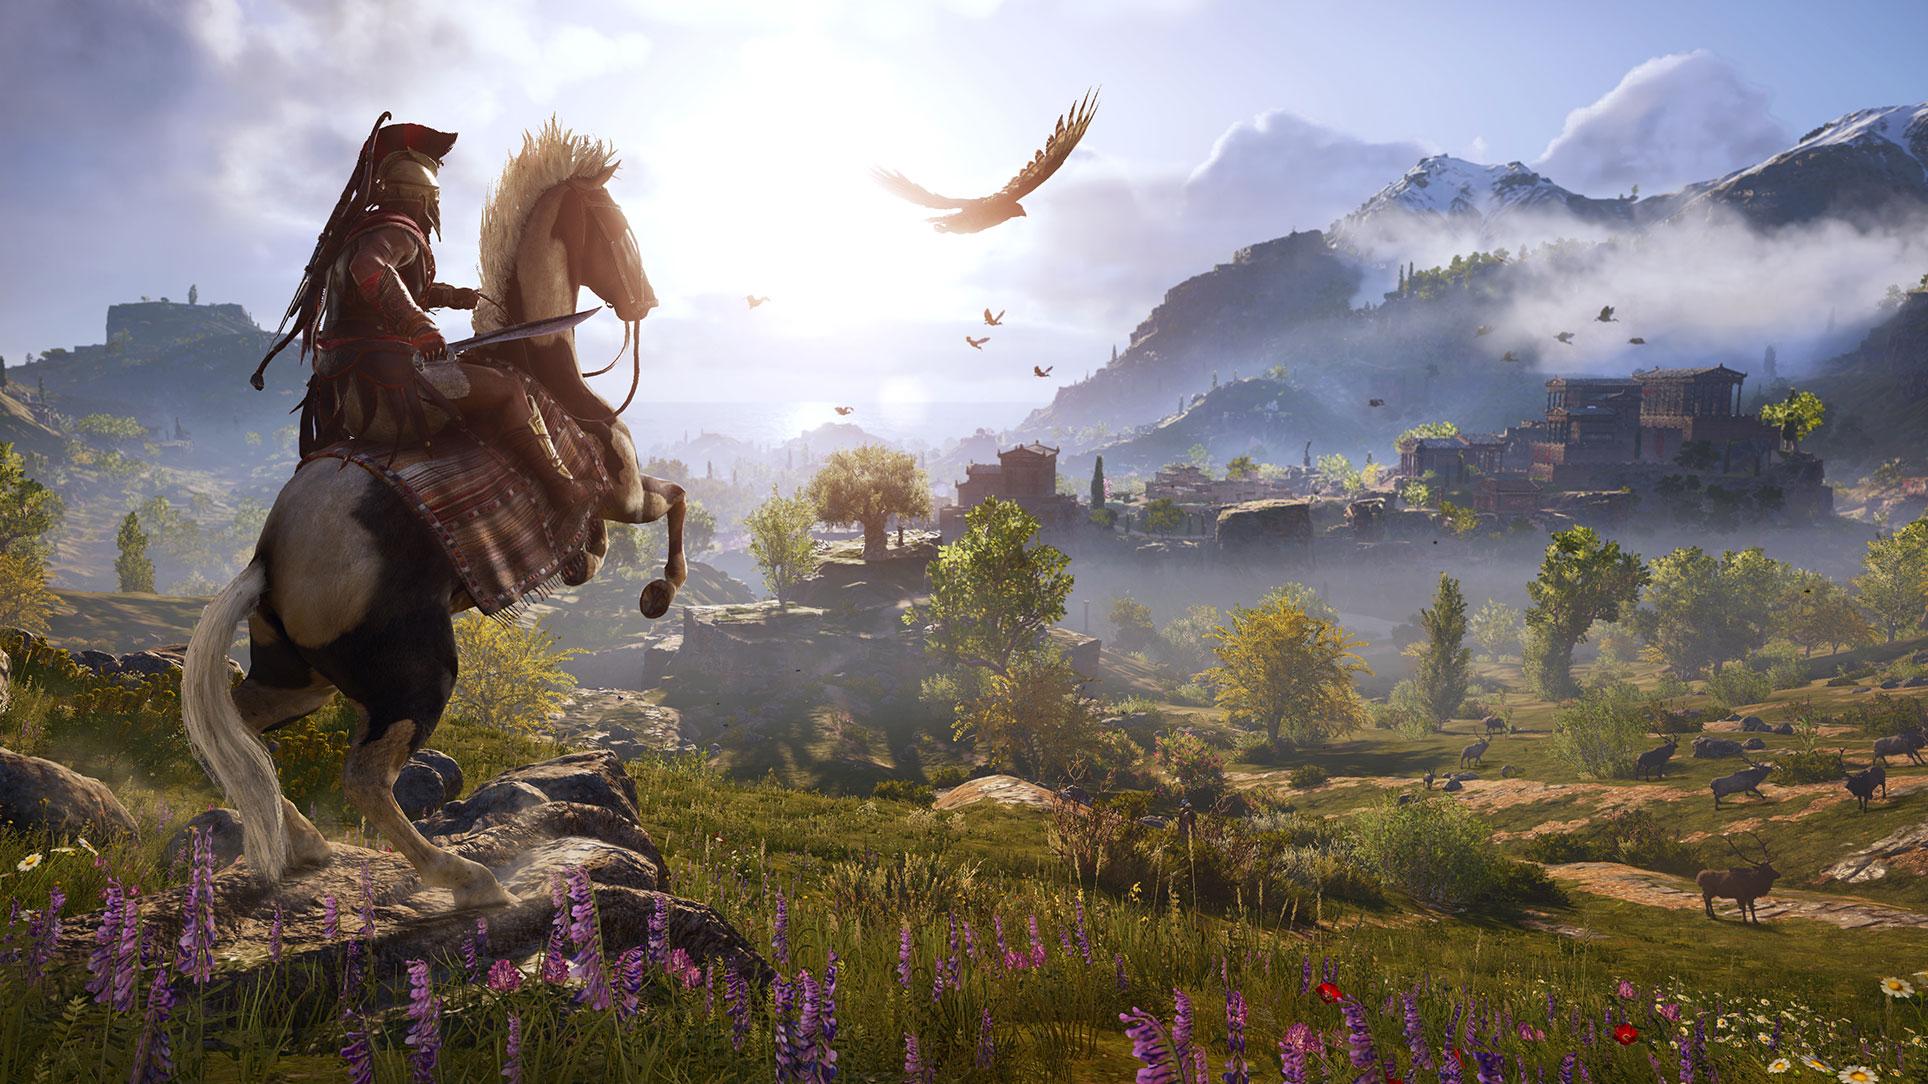 """Höhepunkt der Show: """"Assassin's Creed Odyssey"""" spielt im antiken Griechenland und erscheint Oktober."""